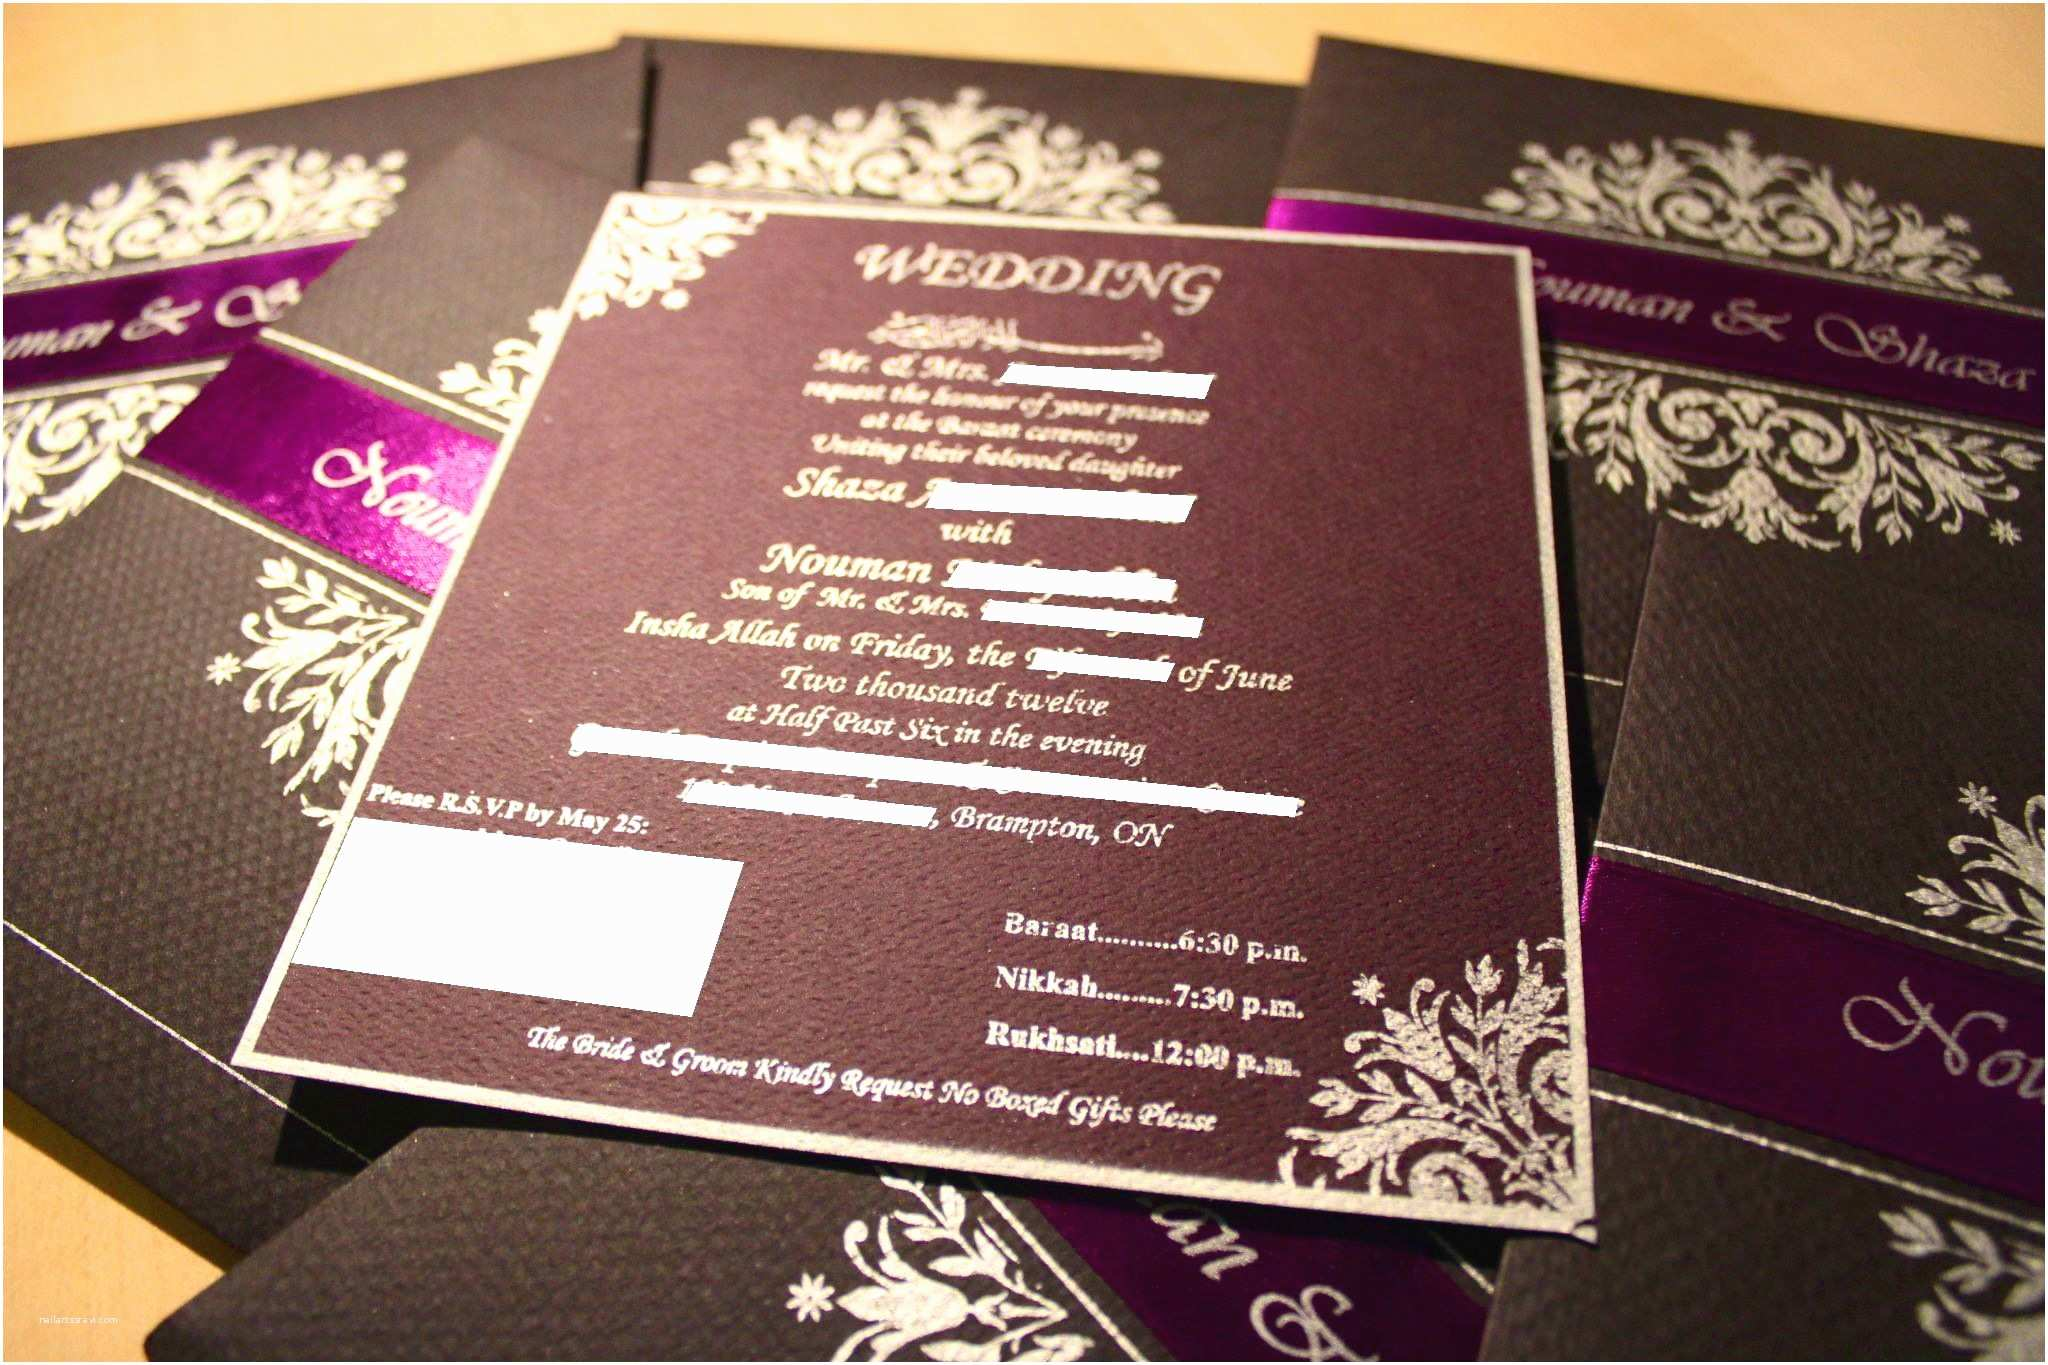 Pakistani Wedding Invitations Usa Mind Blowing Pakistani Wedding Invitations